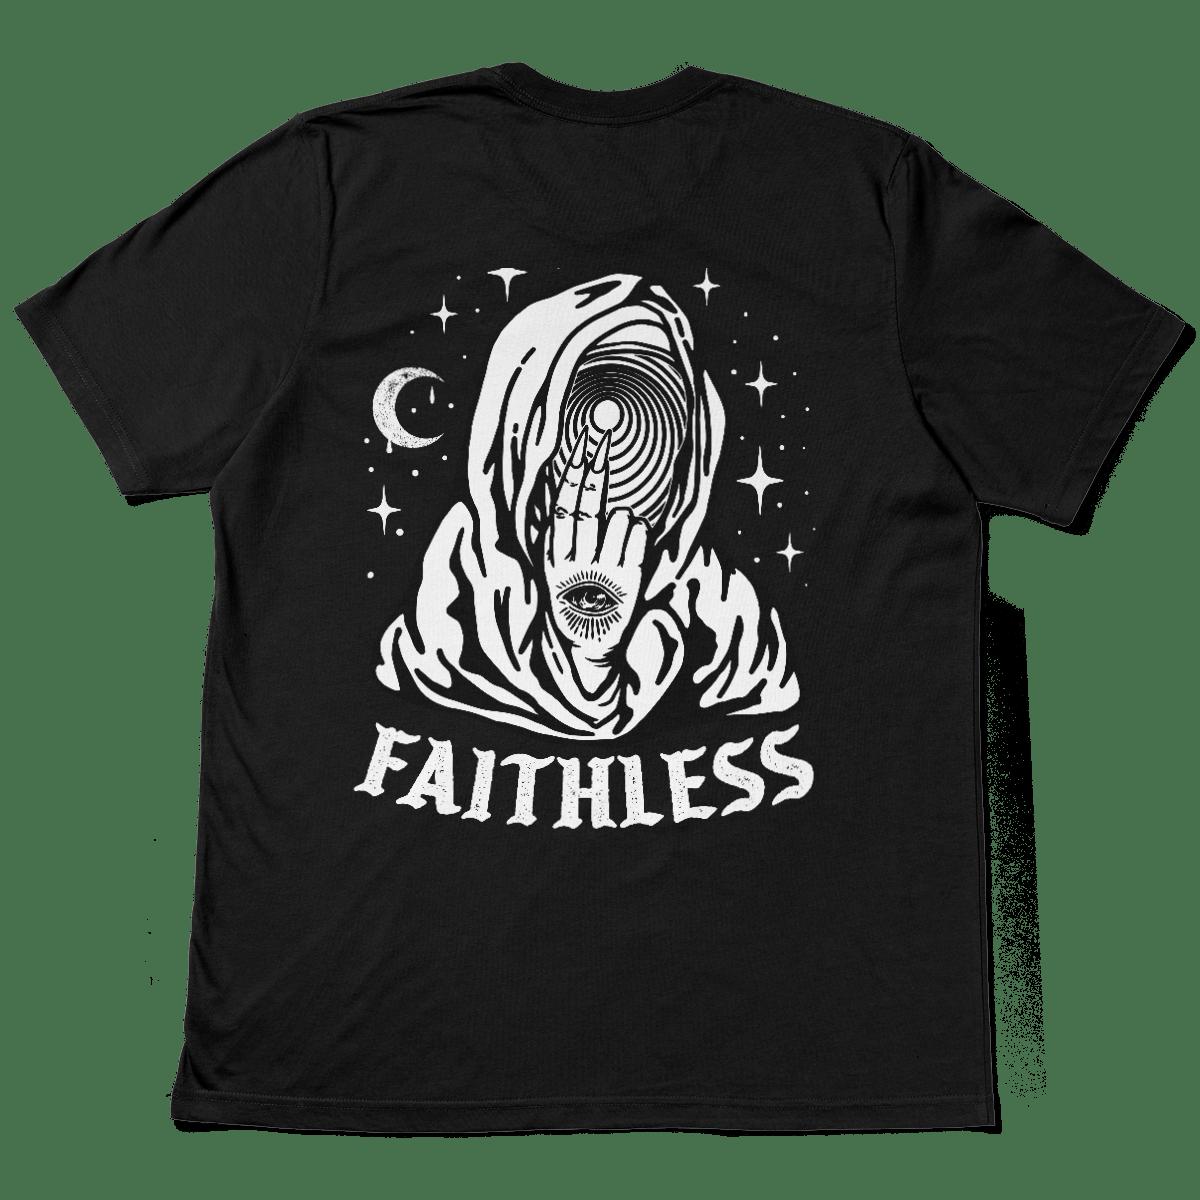 Faithless-Bacjk